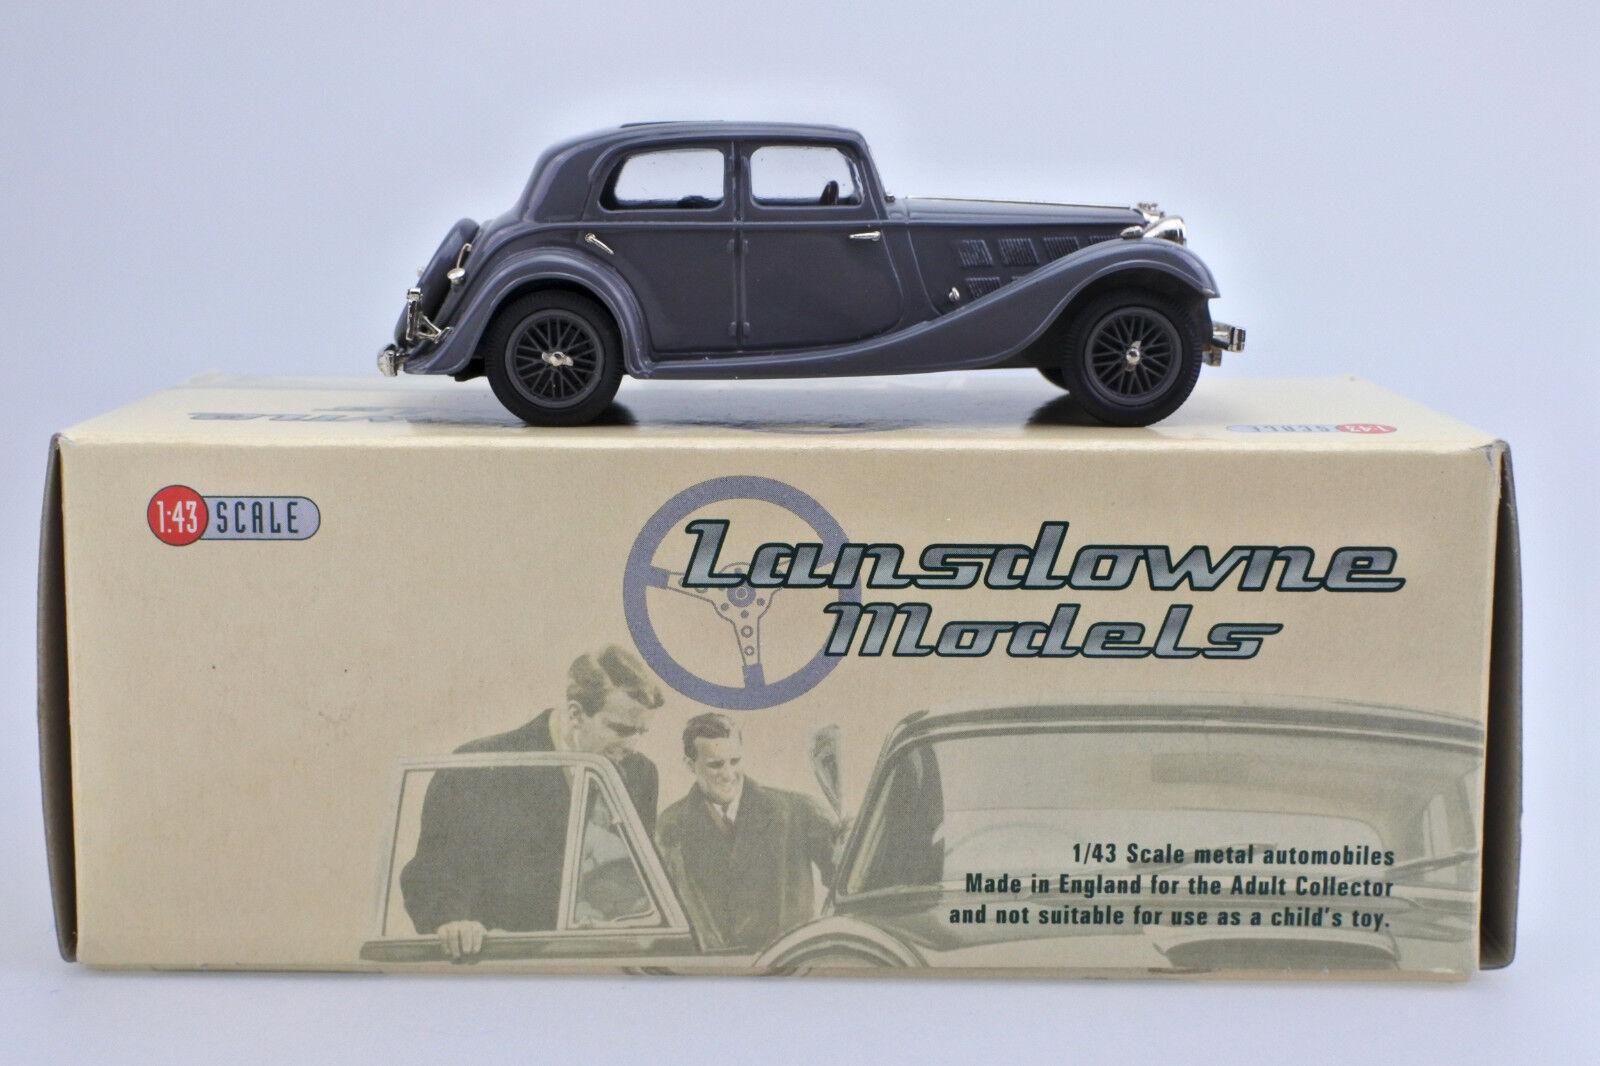 Sito ufficiale LANSDOWNE LANSDOWNE LANSDOWNE 1 43 LDM 66 1935 6 TRIUMPH GLORIA VITESSE SPORTS SALOON  prezzo basso